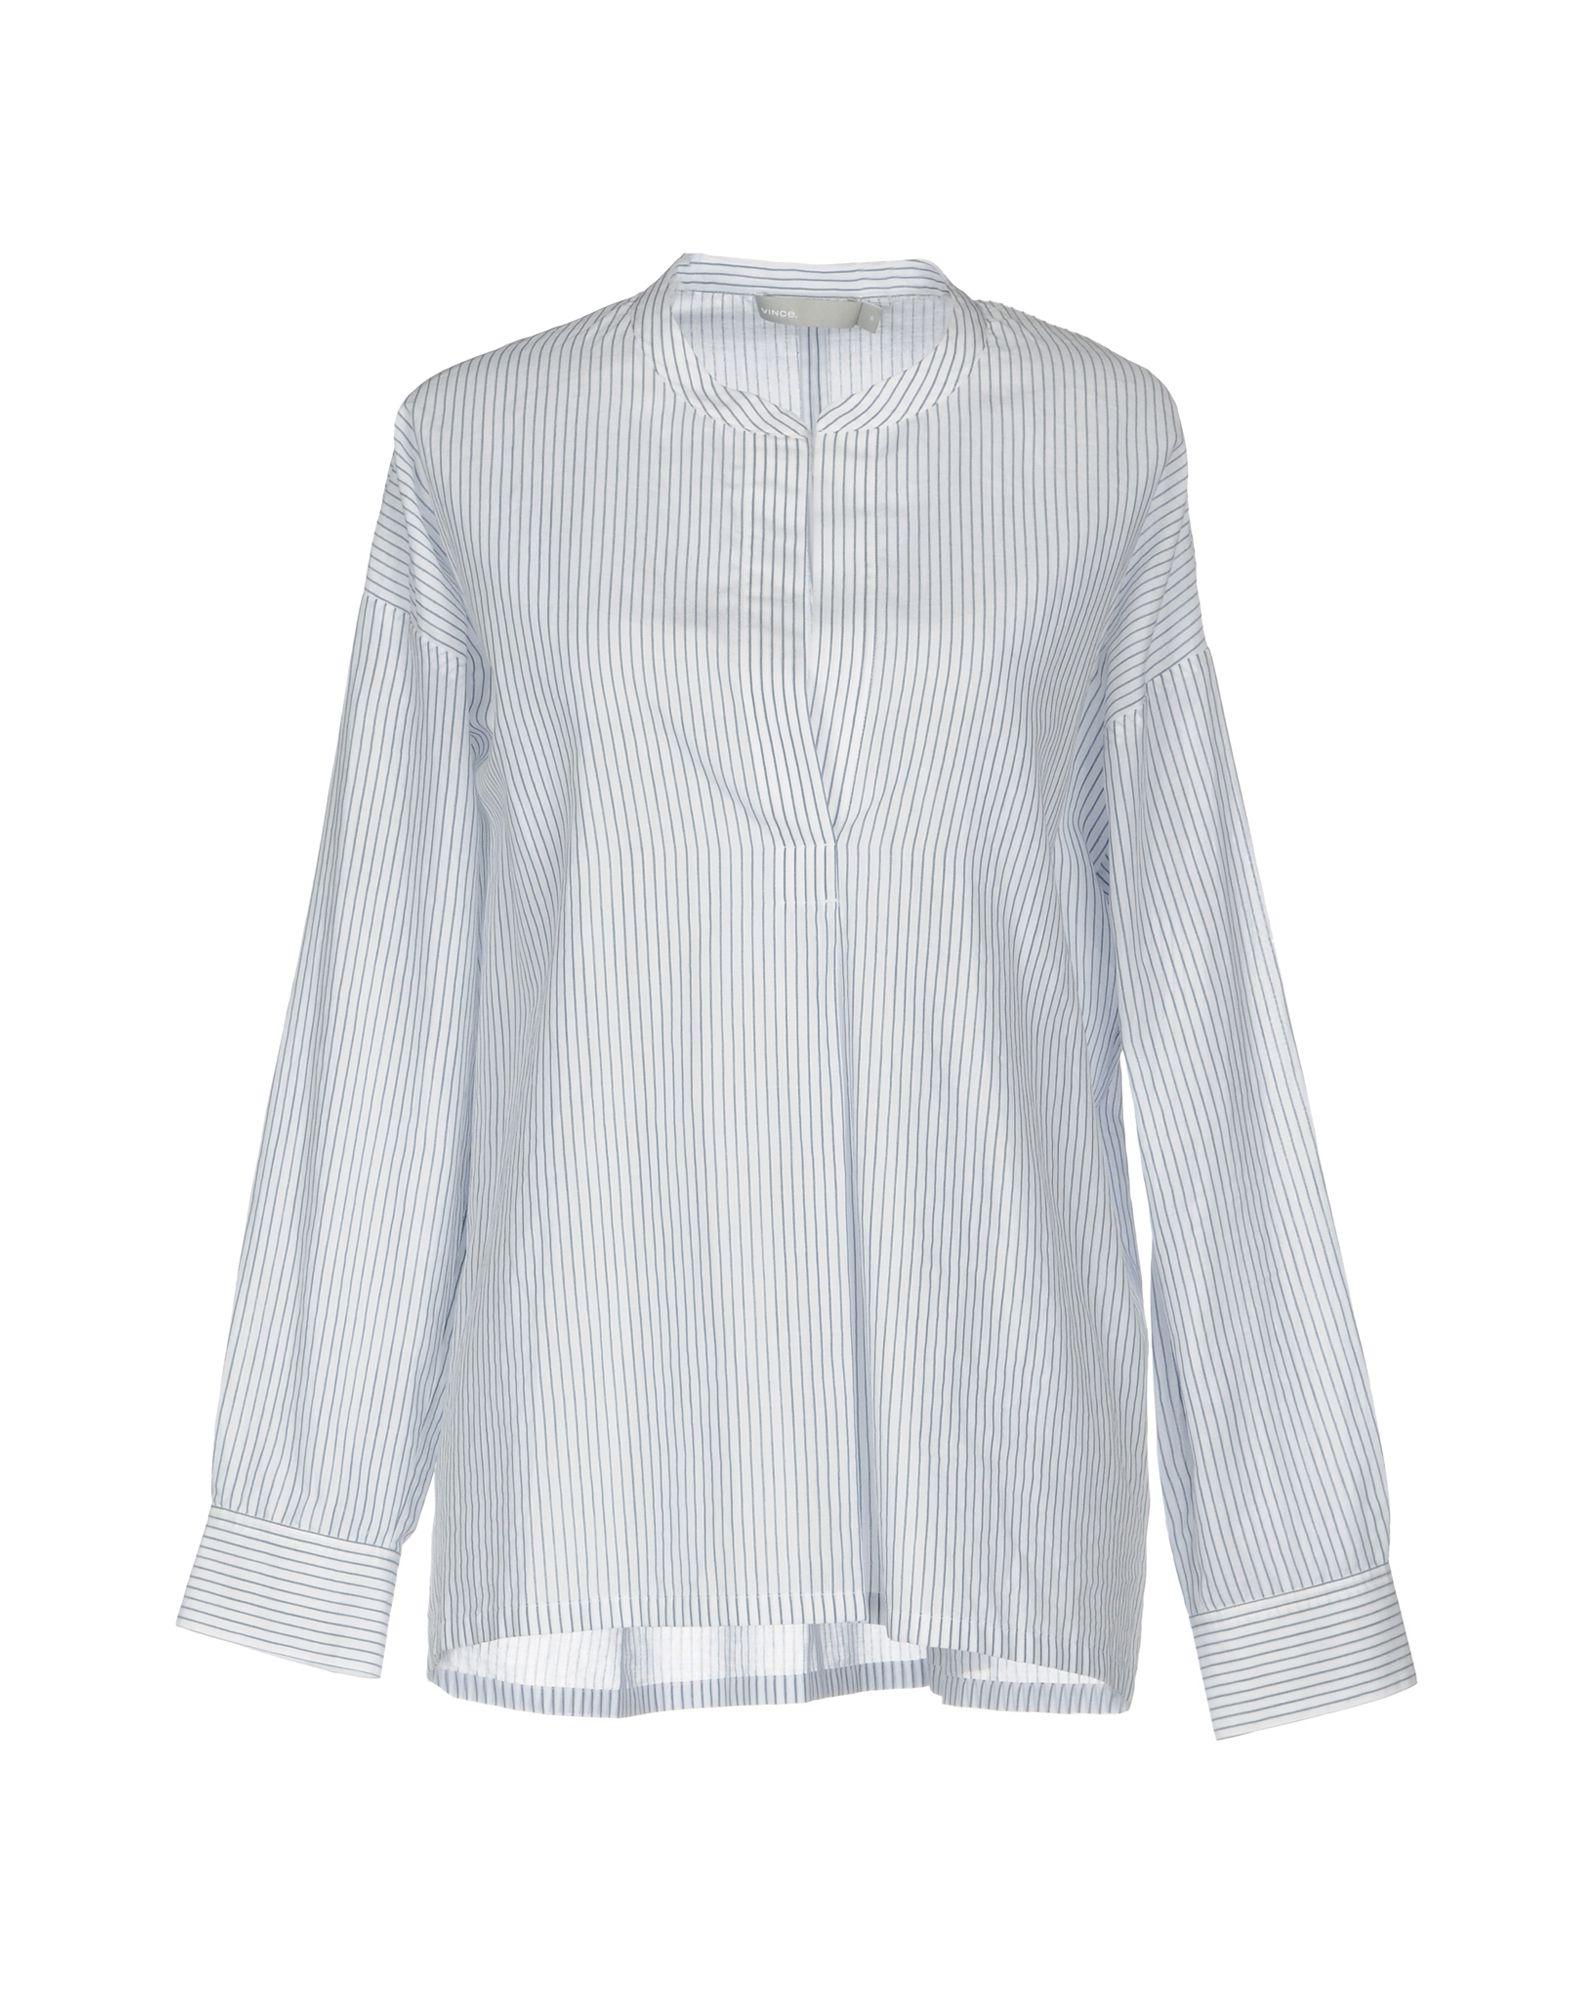 купить VINCE. Блузка по цене 9500 рублей